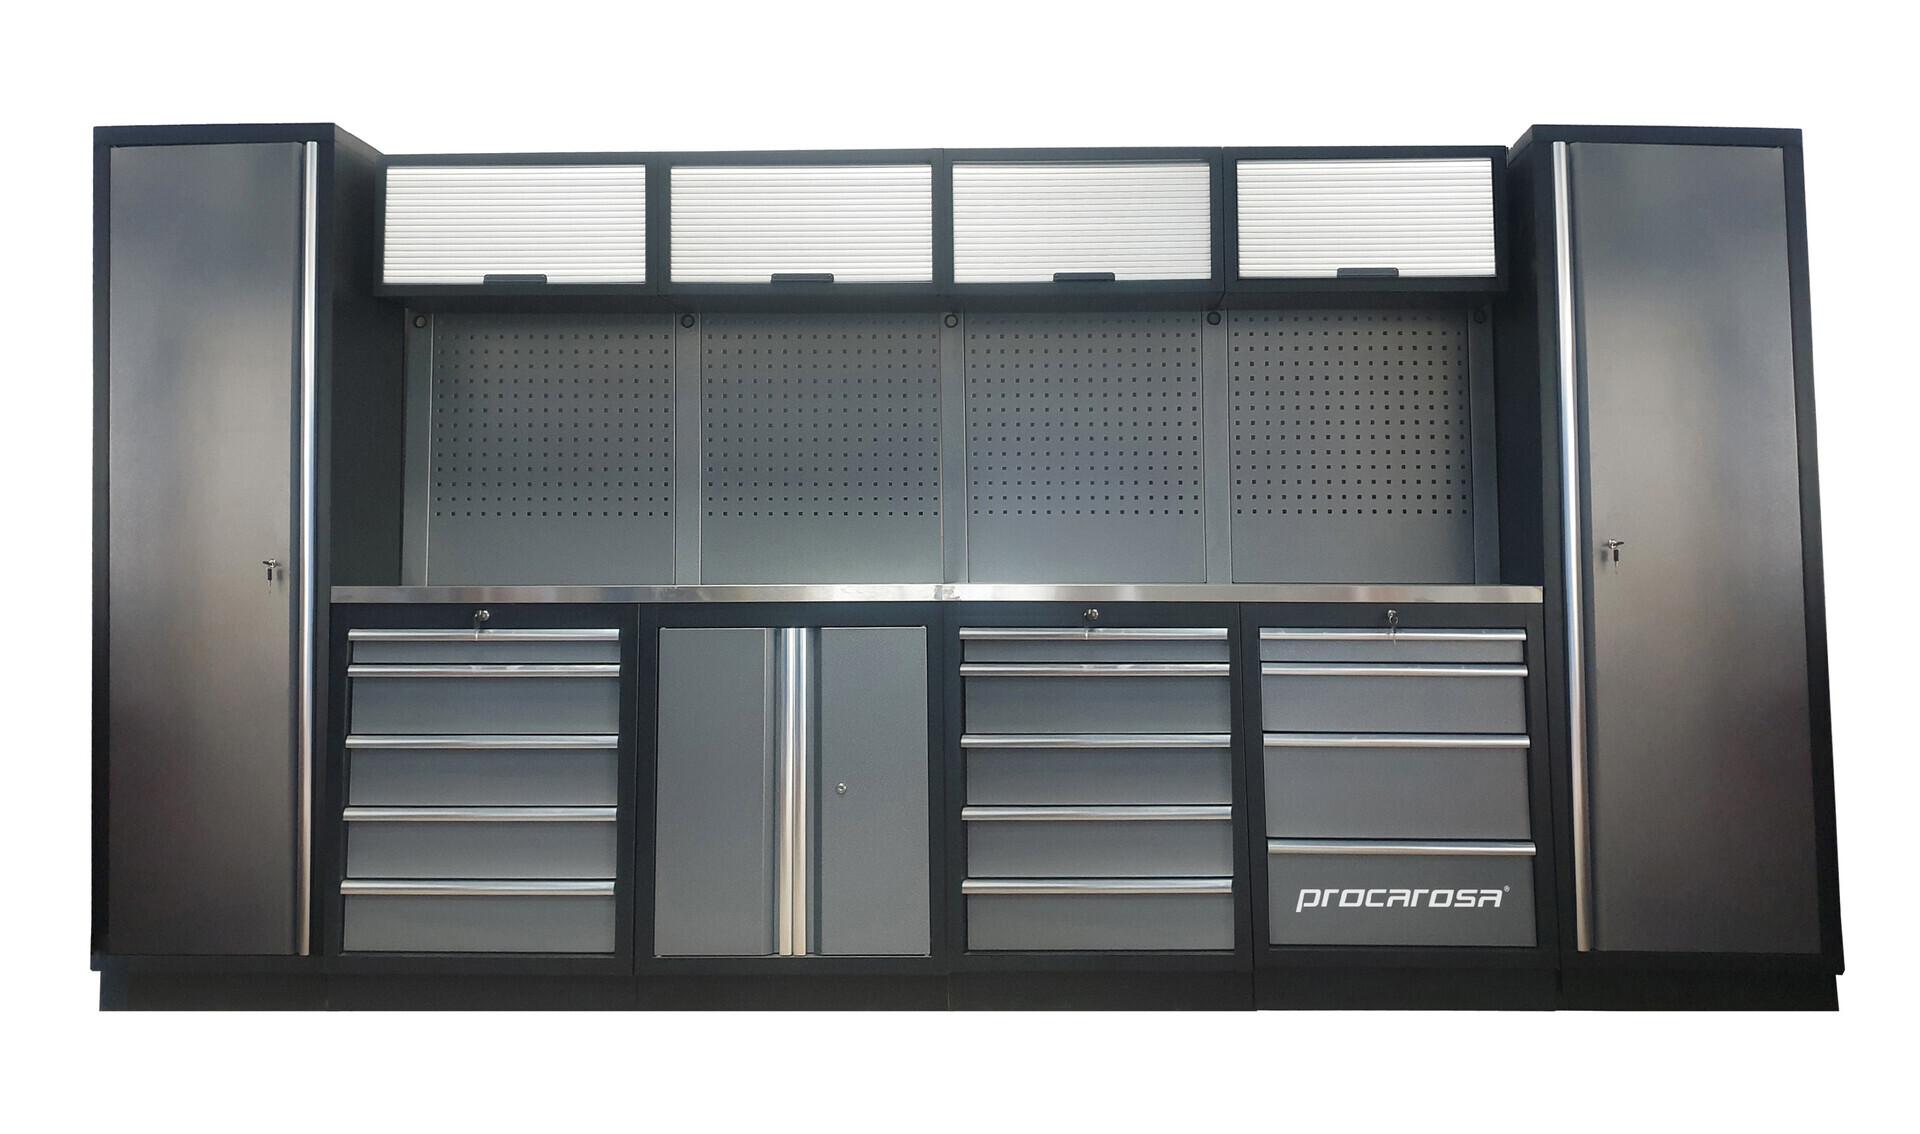 Sestava dílenského nábytku Procarosa PROFESSIONAL L-5 Pracovní deska: nerezová, Hmotnost: